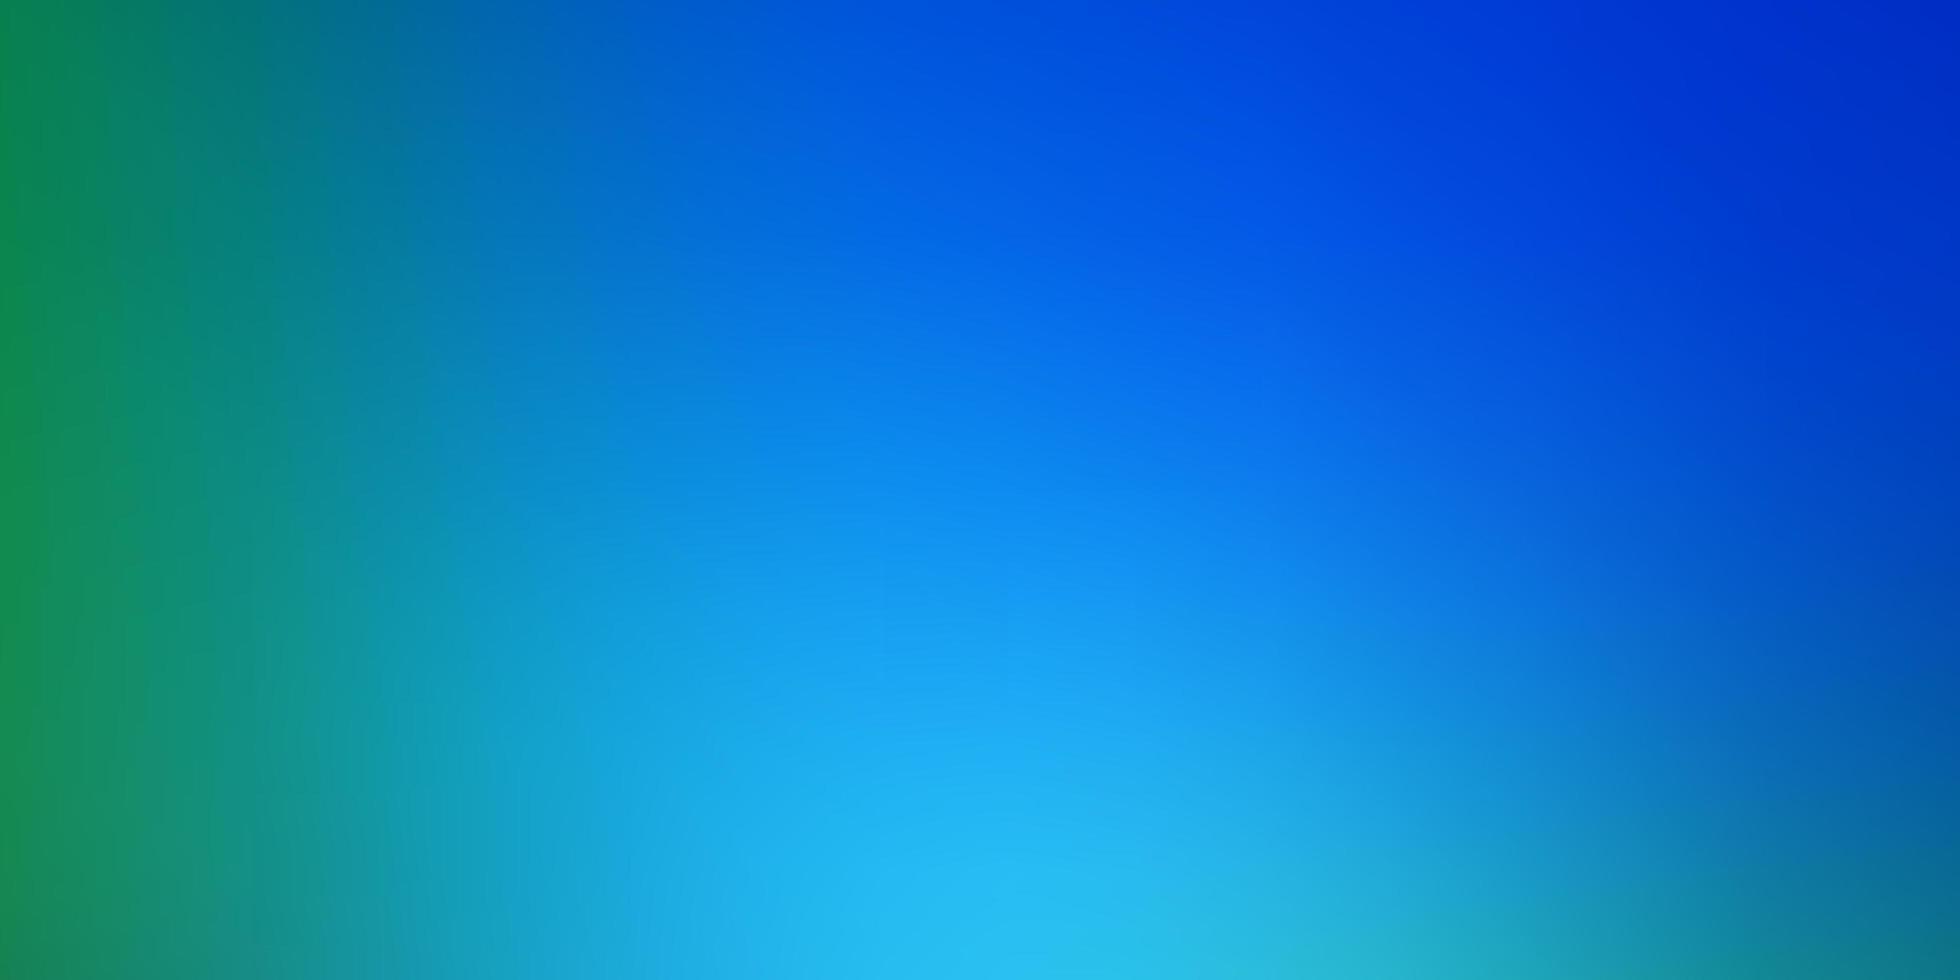 fondo vago astratto di vettore blu chiaro, verde.